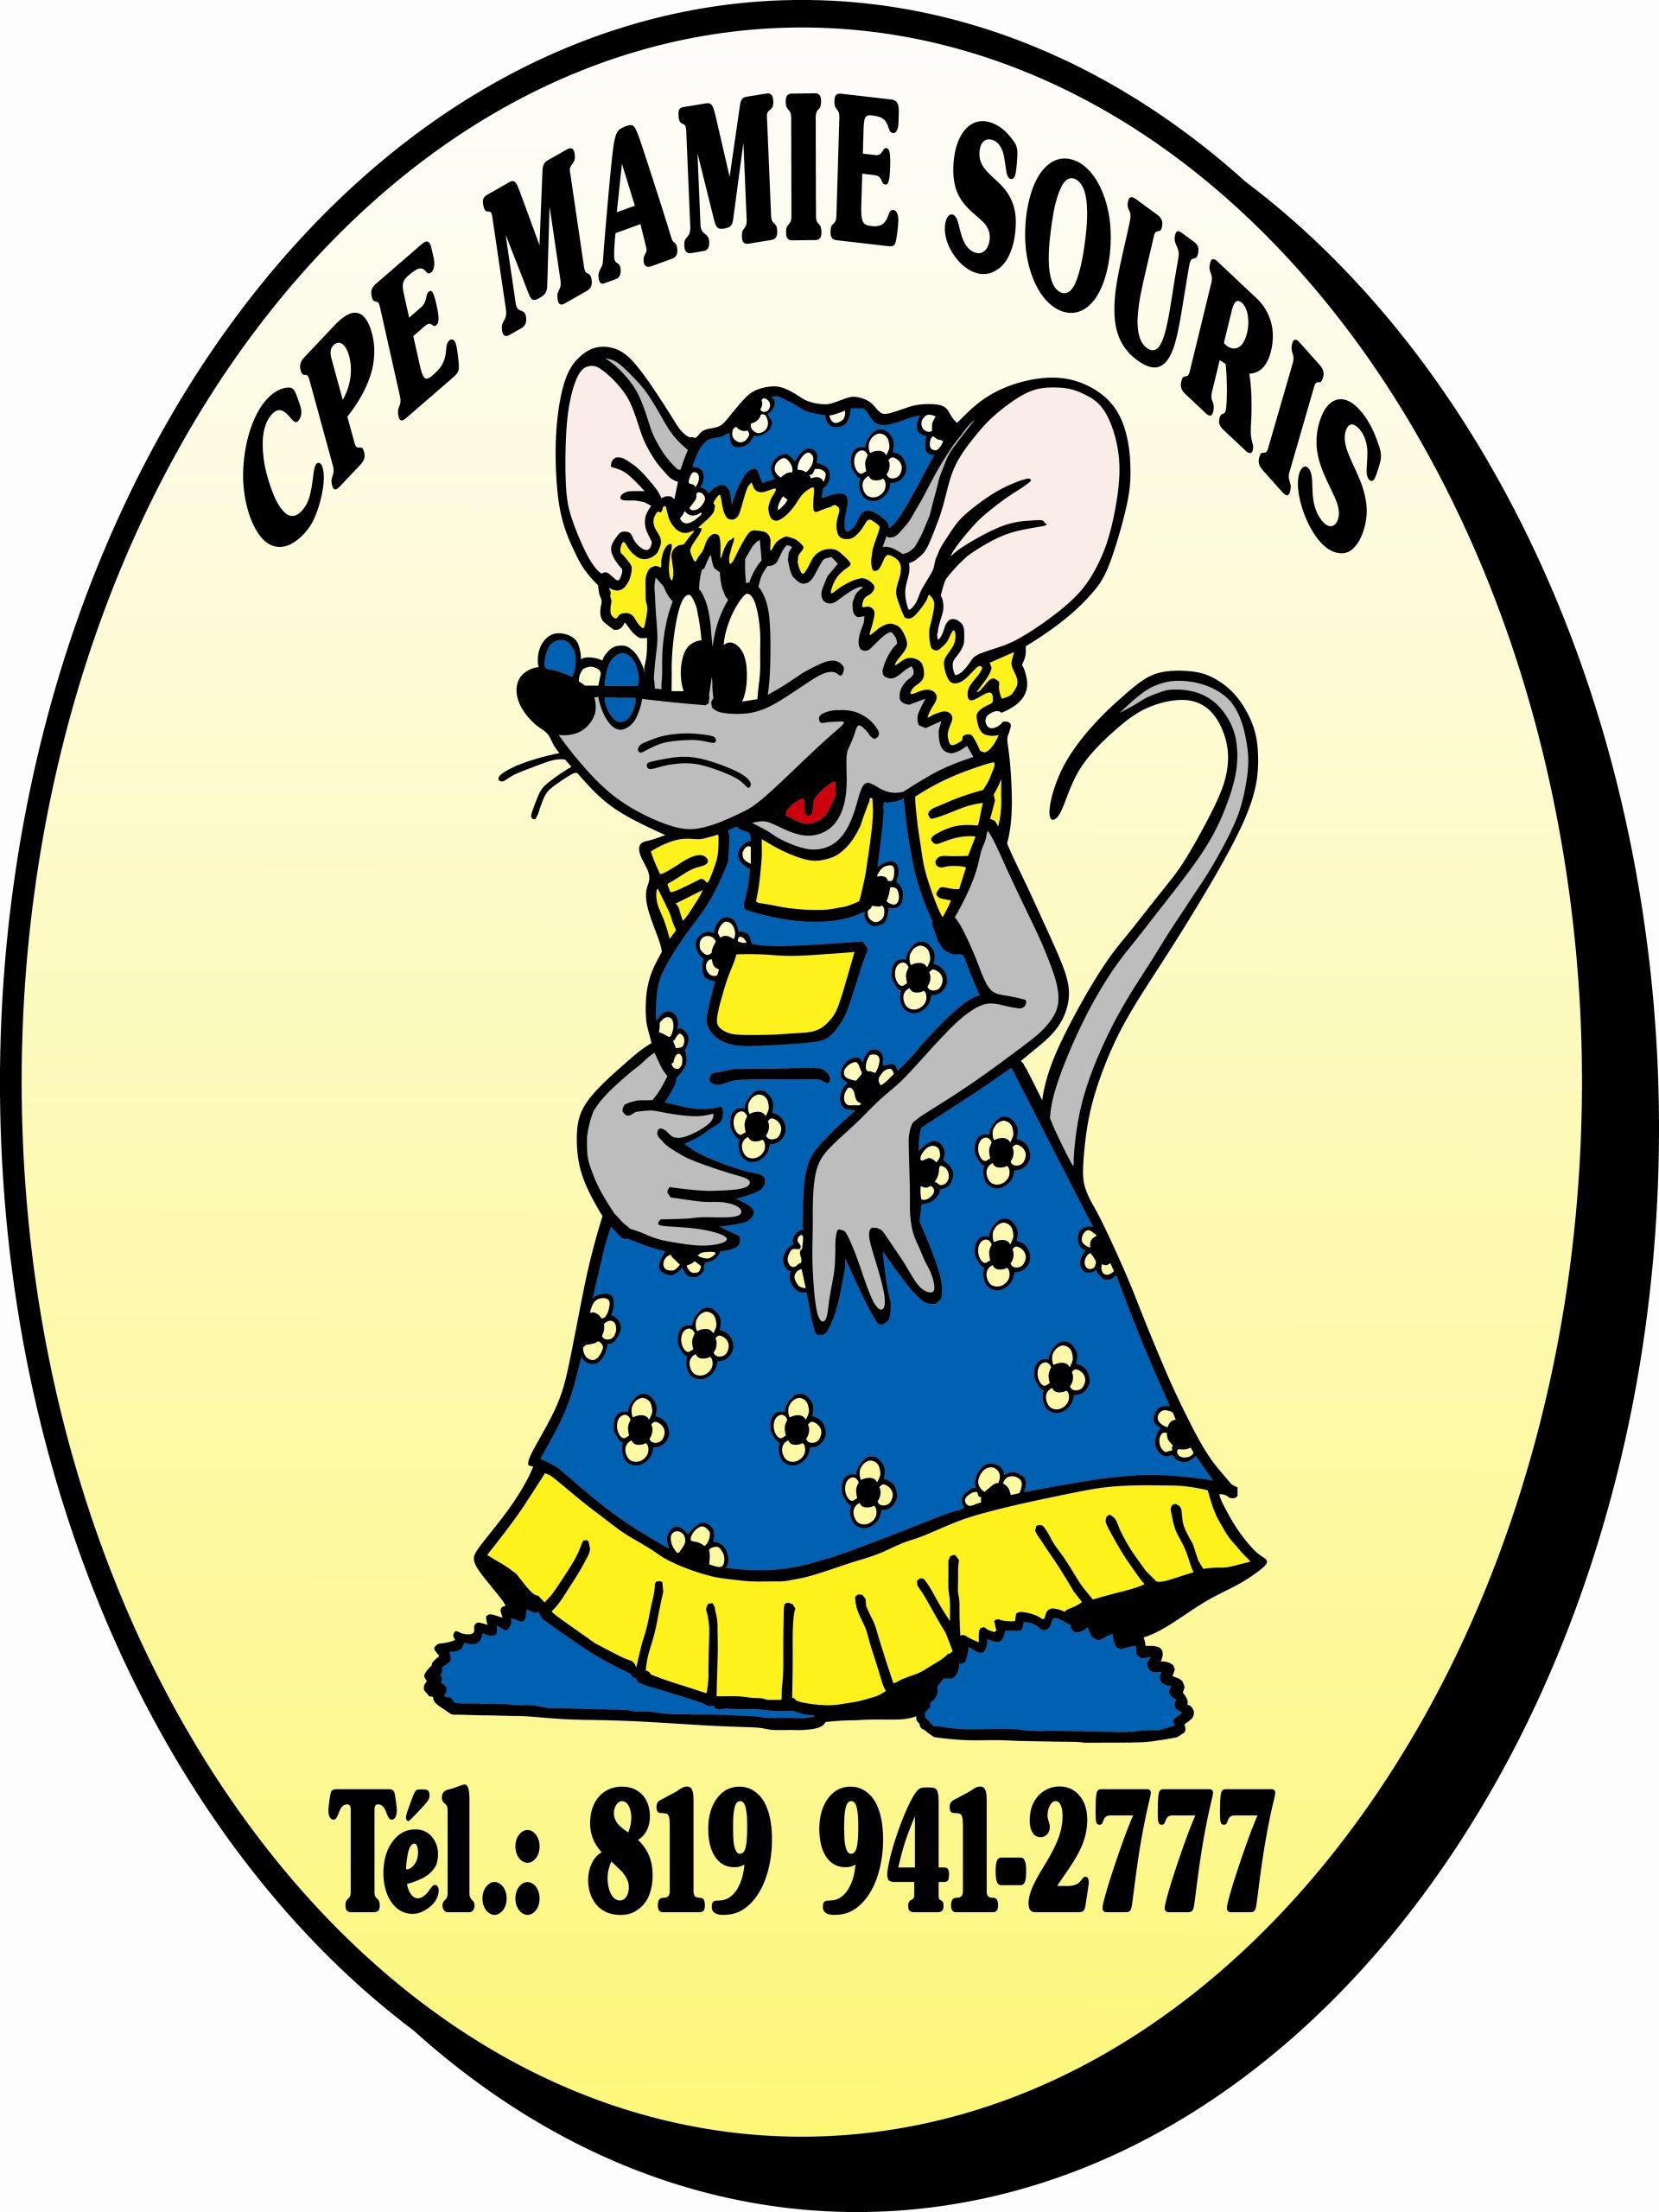 Logo CPE Mamie Souris